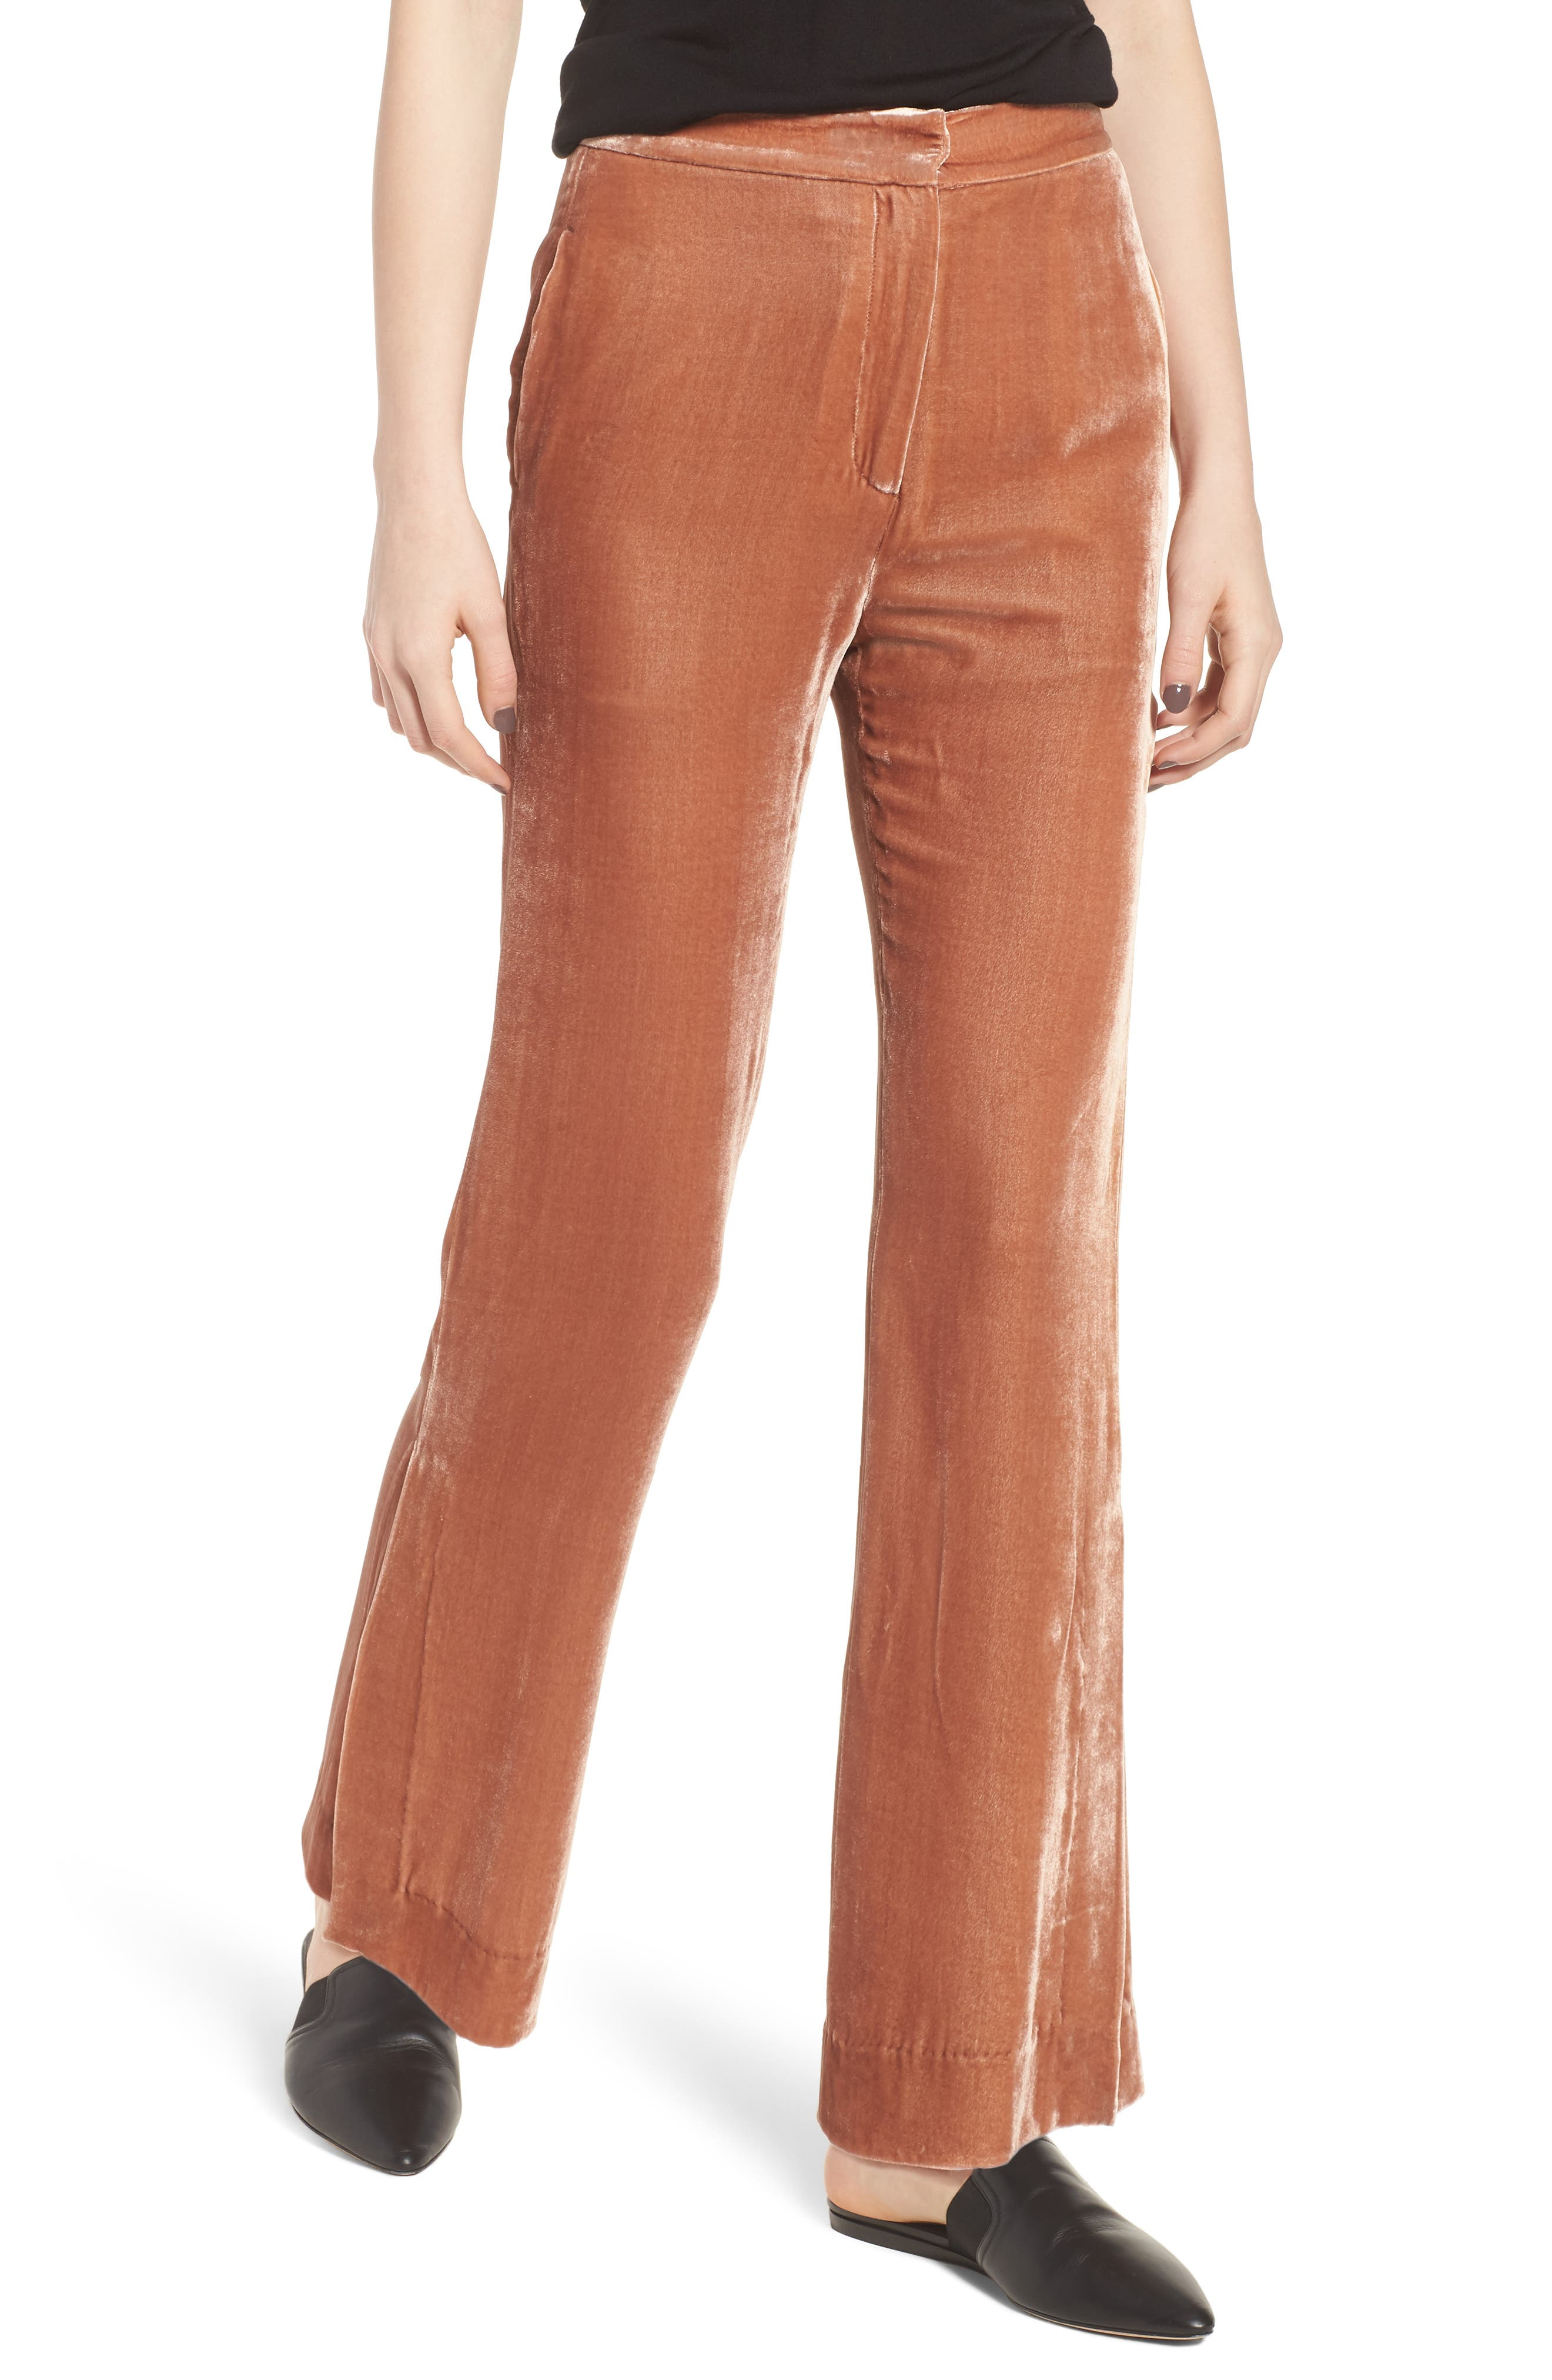 CAARA Bushwick Velvet Pants